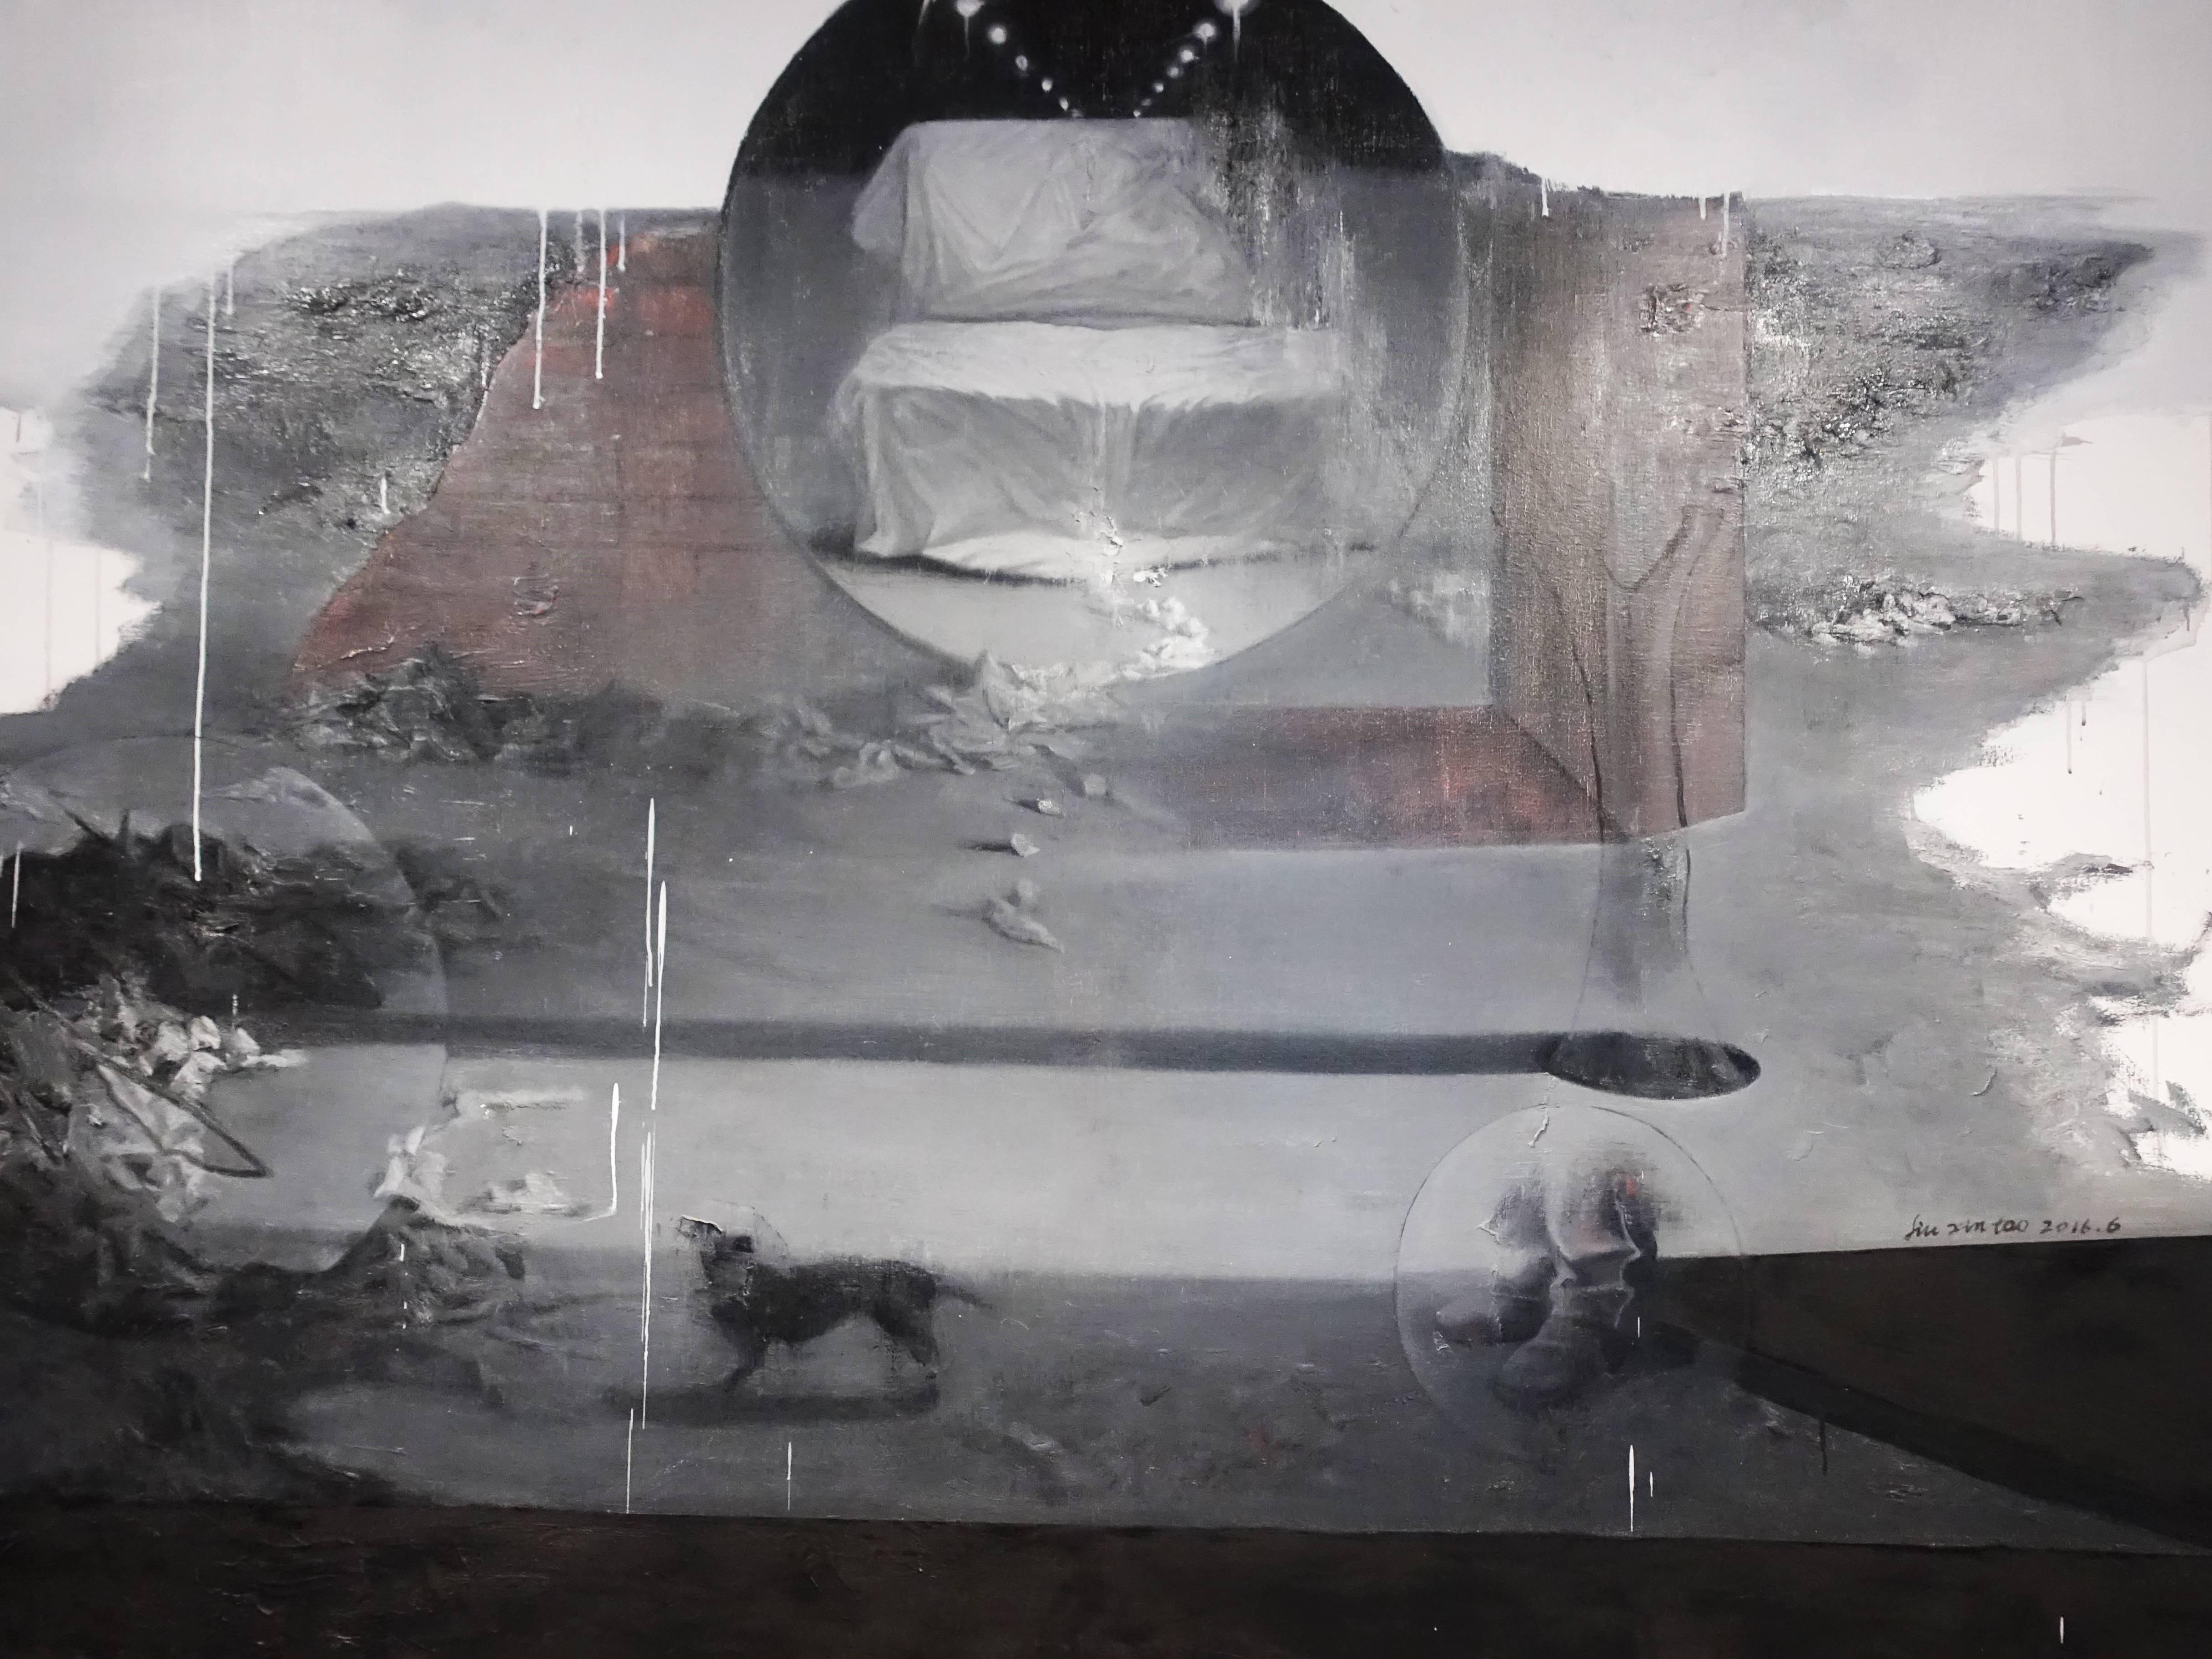 劉芯濤,《無邊的風景之四》細節, 150 x 200 cm,布面油畫,2016。